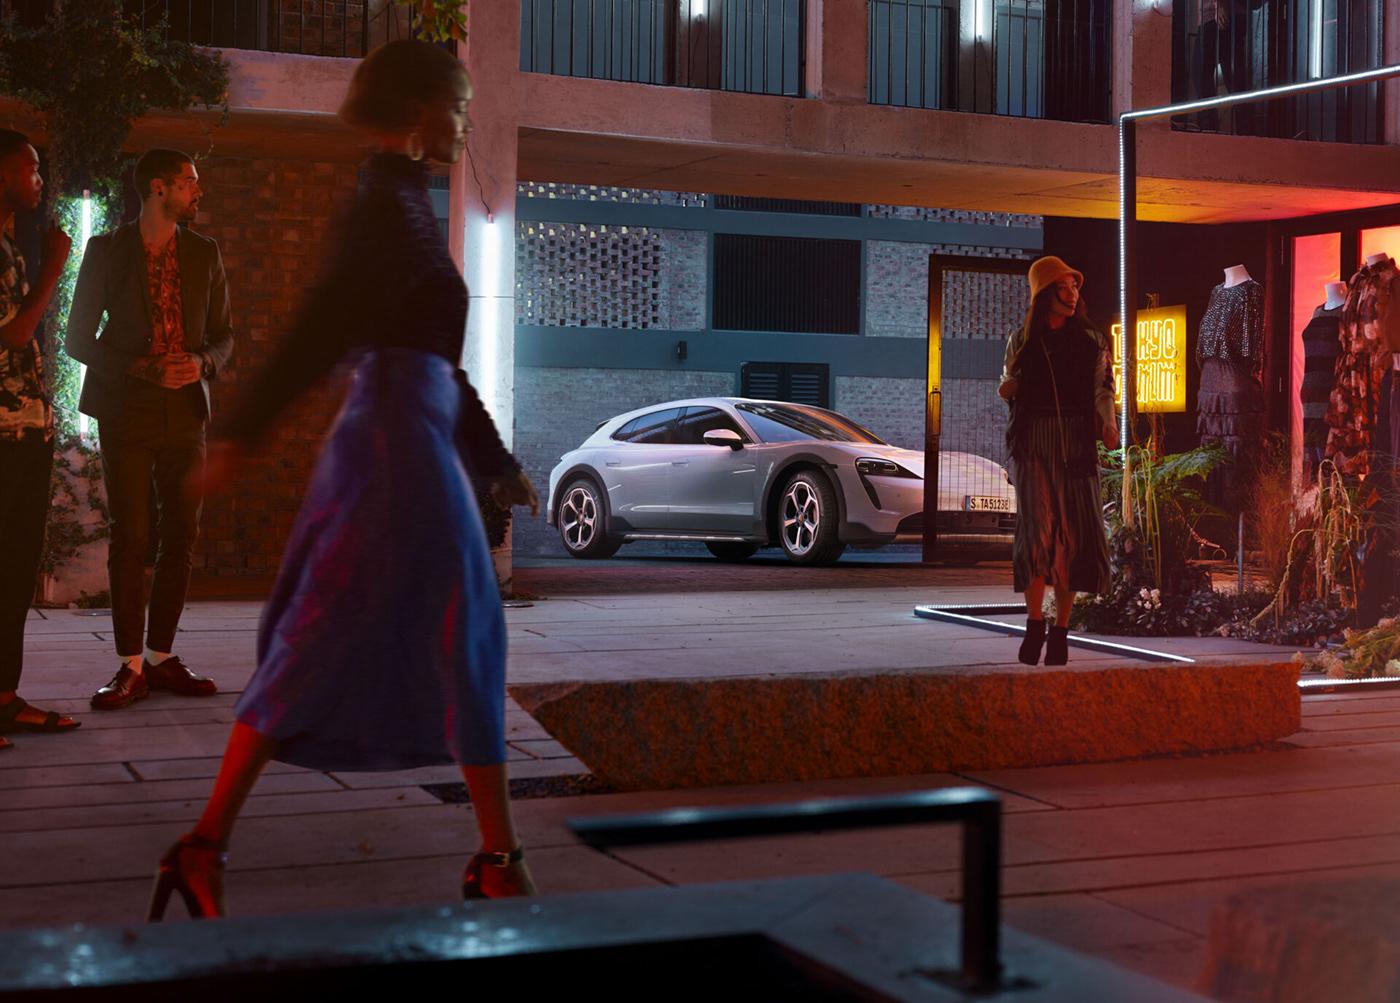 automotive   CAPE TOWN PRODUCTIONS Cars G&P grabarz & partner oliver paffrath Porsche transportation